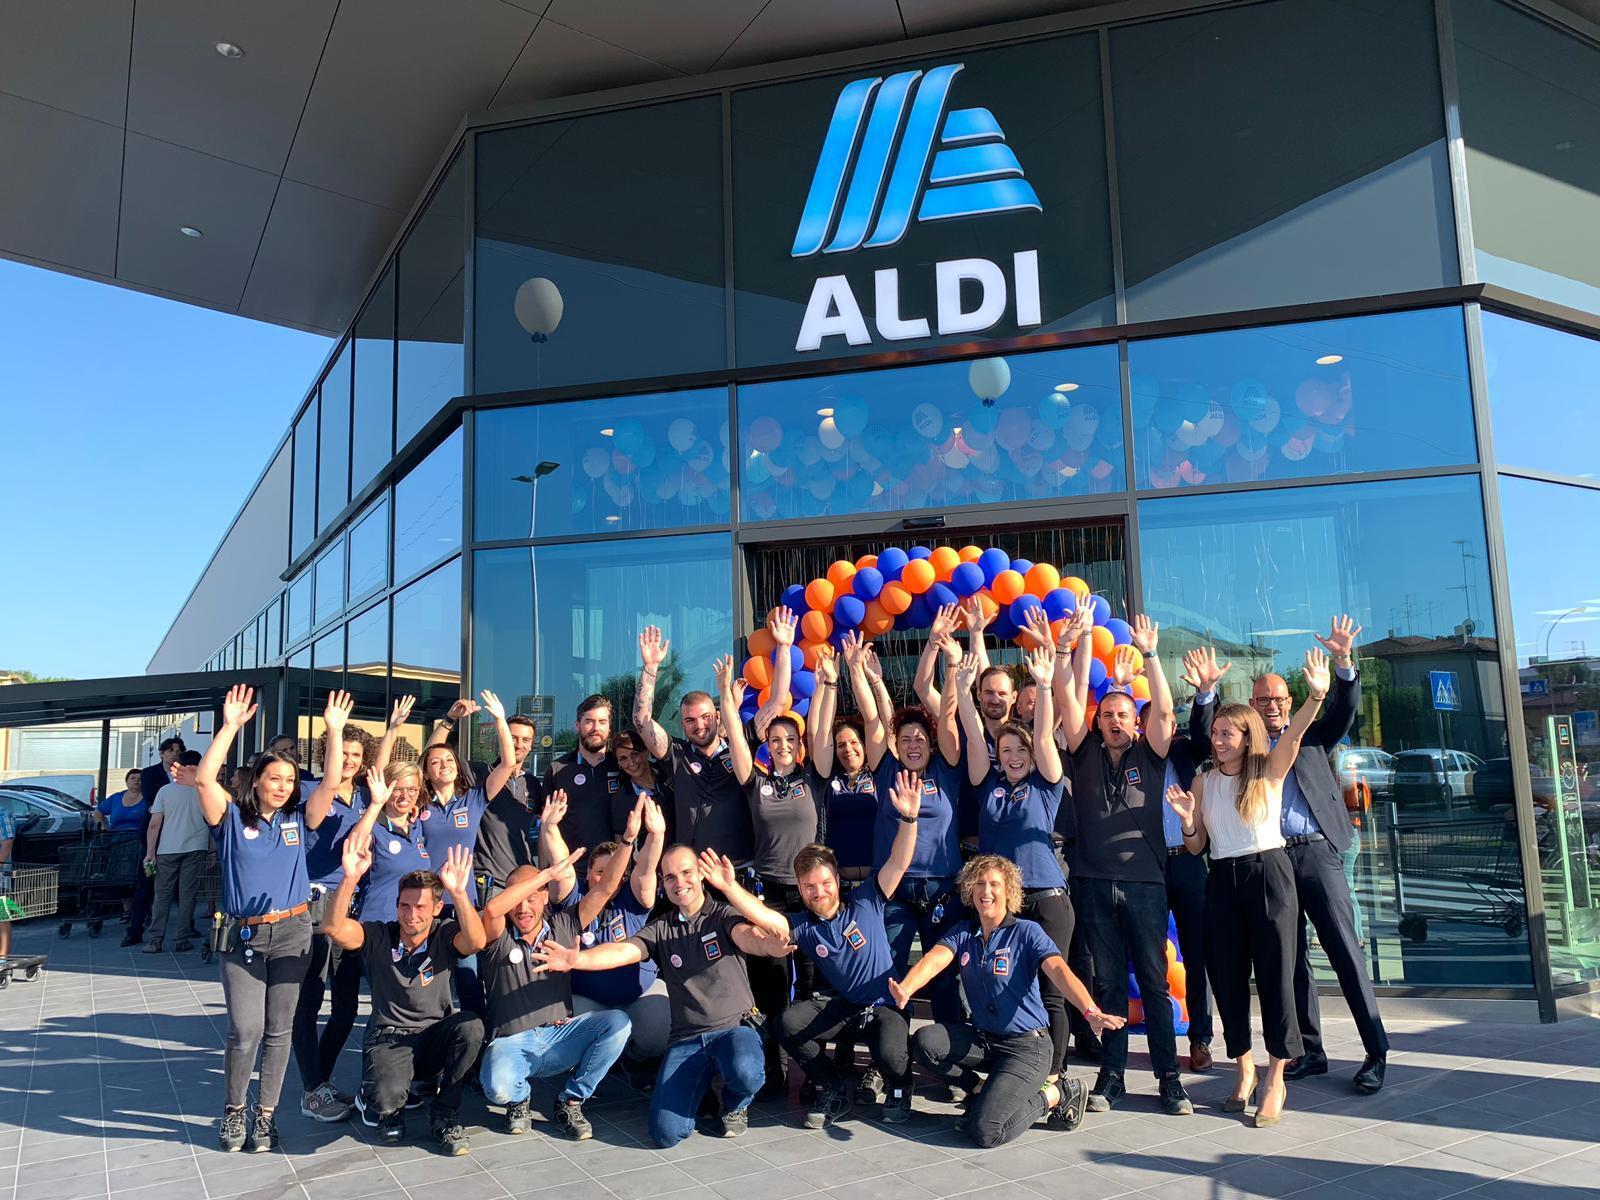 La nuova spesa di Aldi arriva a Imola